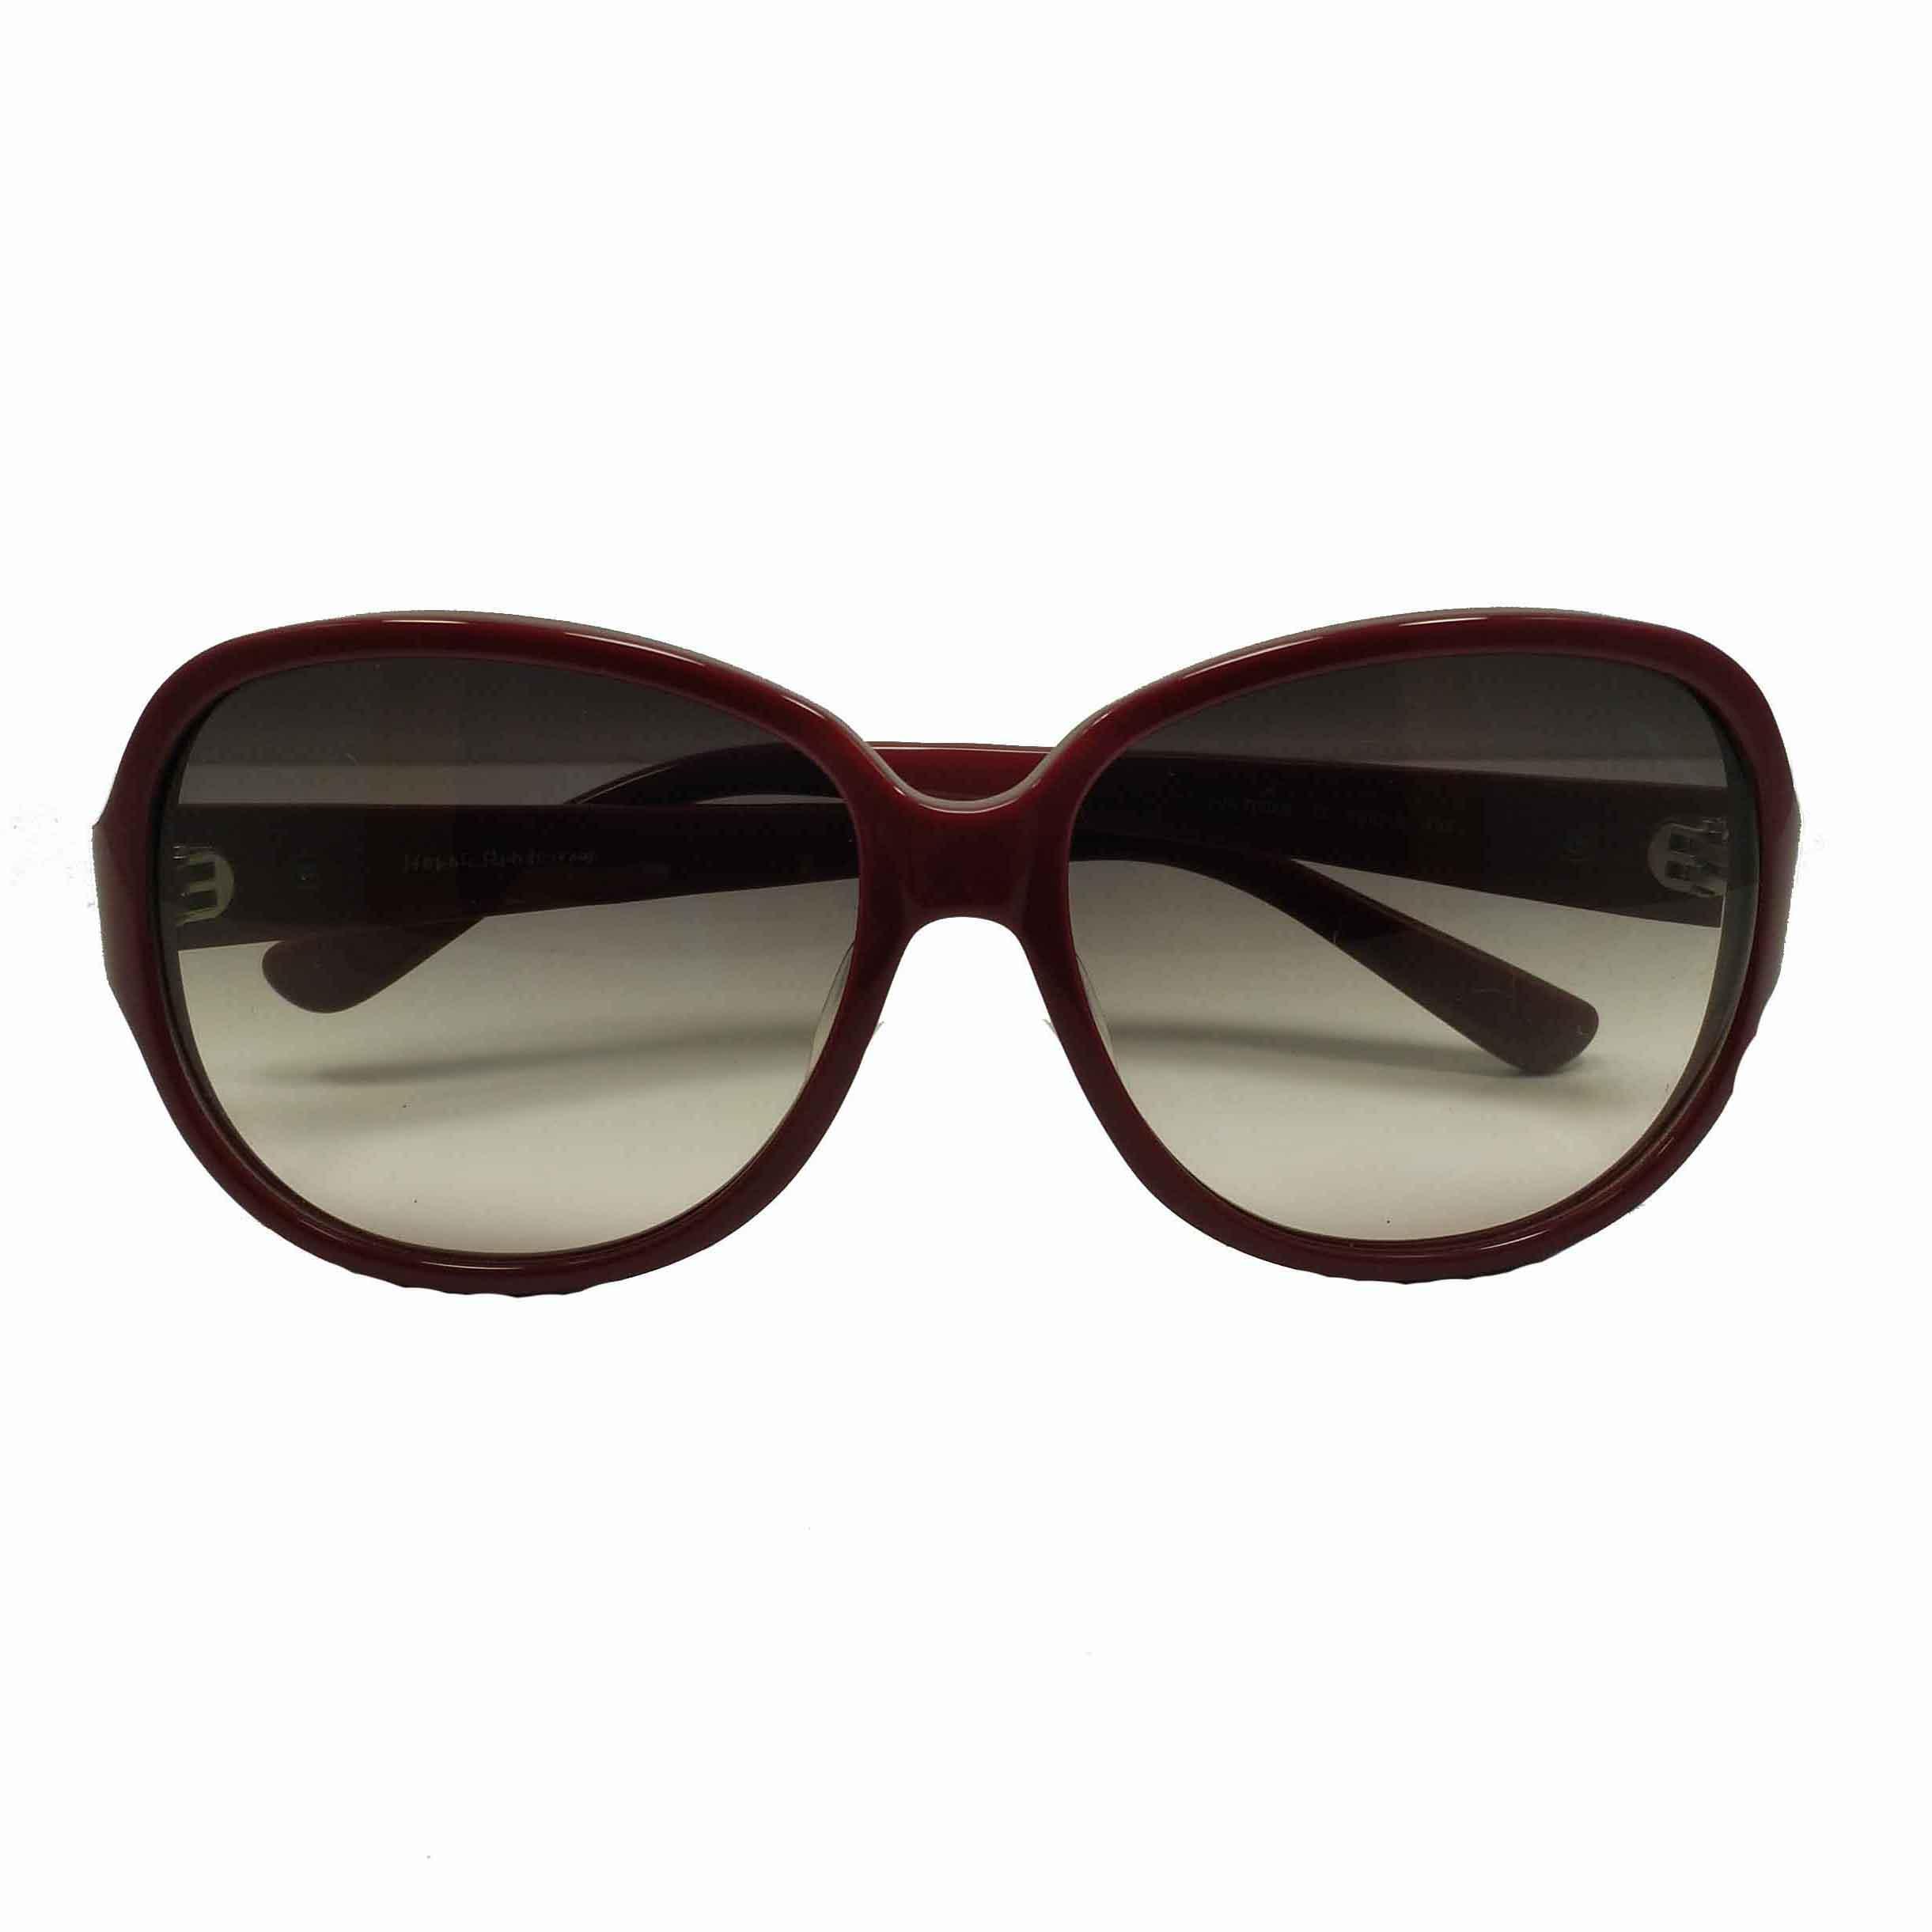 Señoras superiores gafas de sol fashi diseño de lujo, degradados de color, oval, polarizadores, de vídeo para PC, resistencia UV, HR7008S, gafas de moda de las señoras